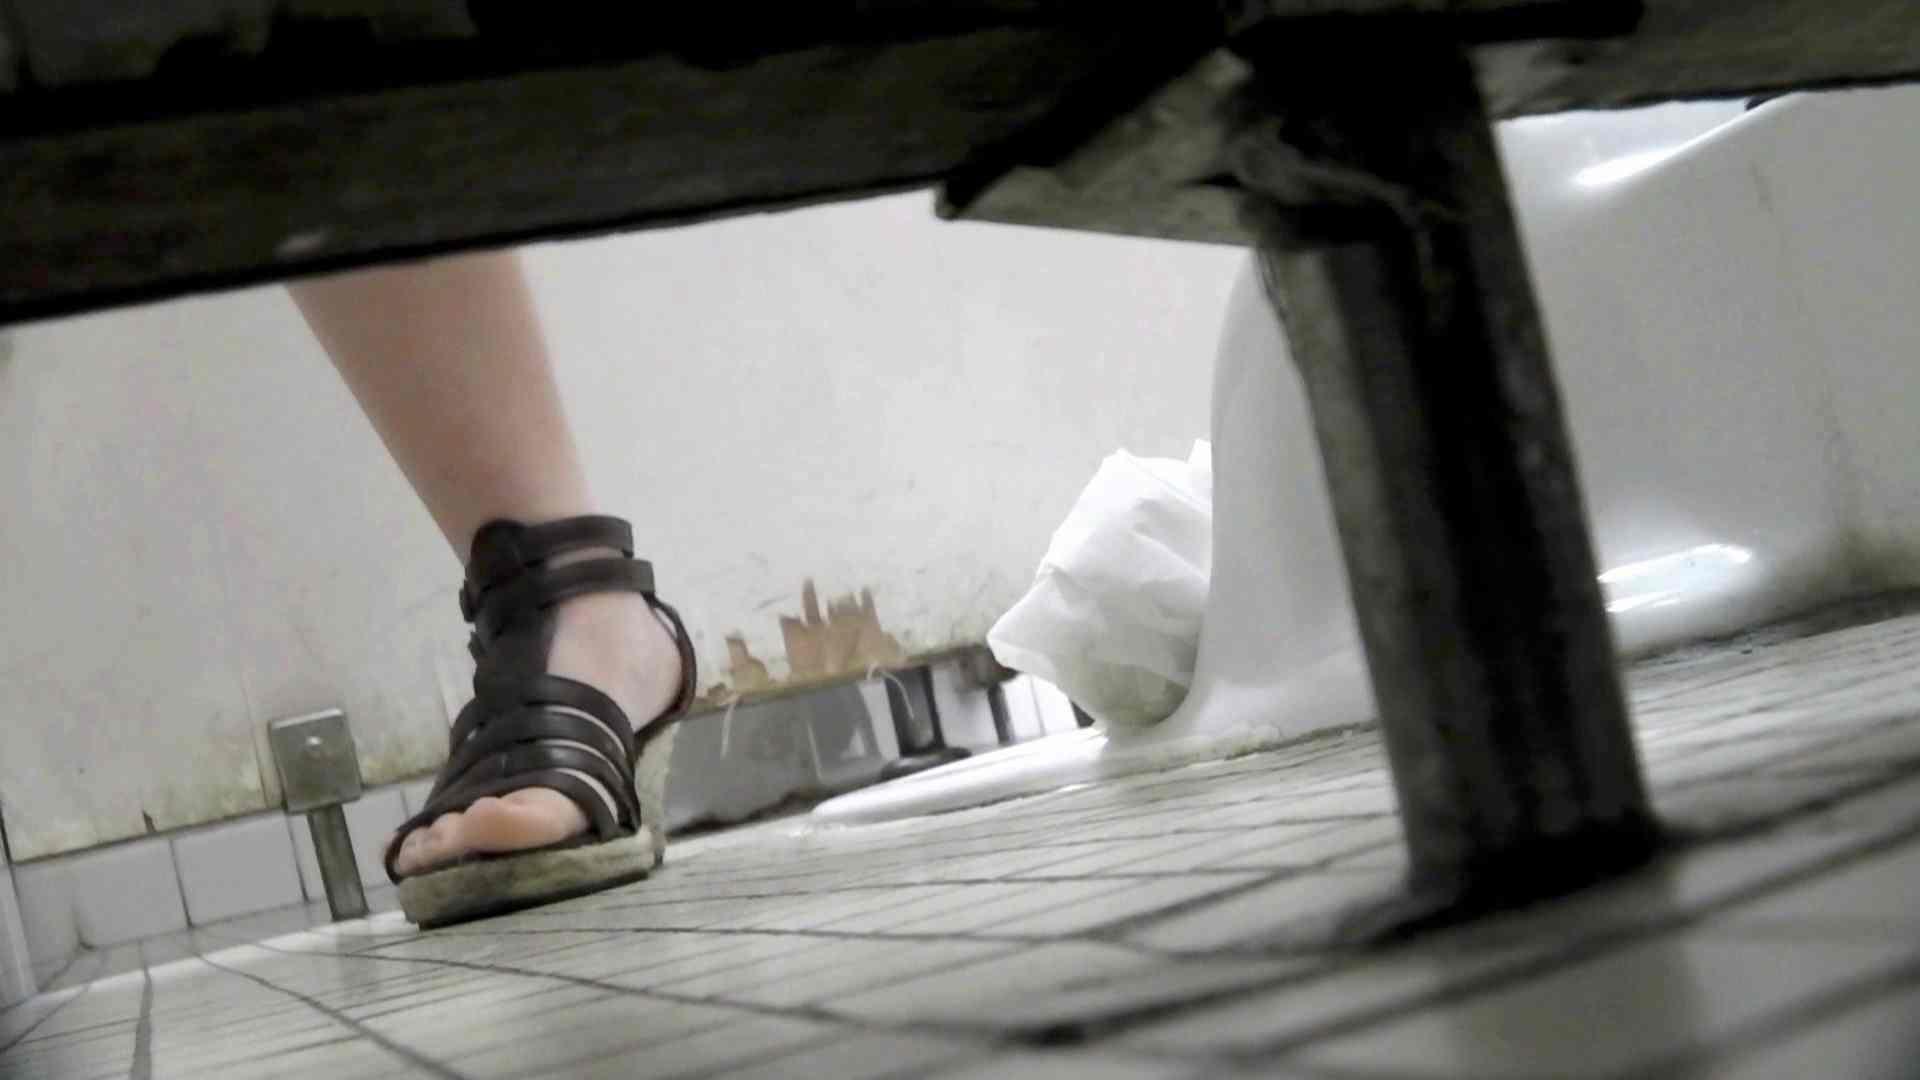 洗面所特攻隊 vol.74 last 2総勢16名激撮【2015・29位】 洗面所 | OLのボディ  85PIX 71